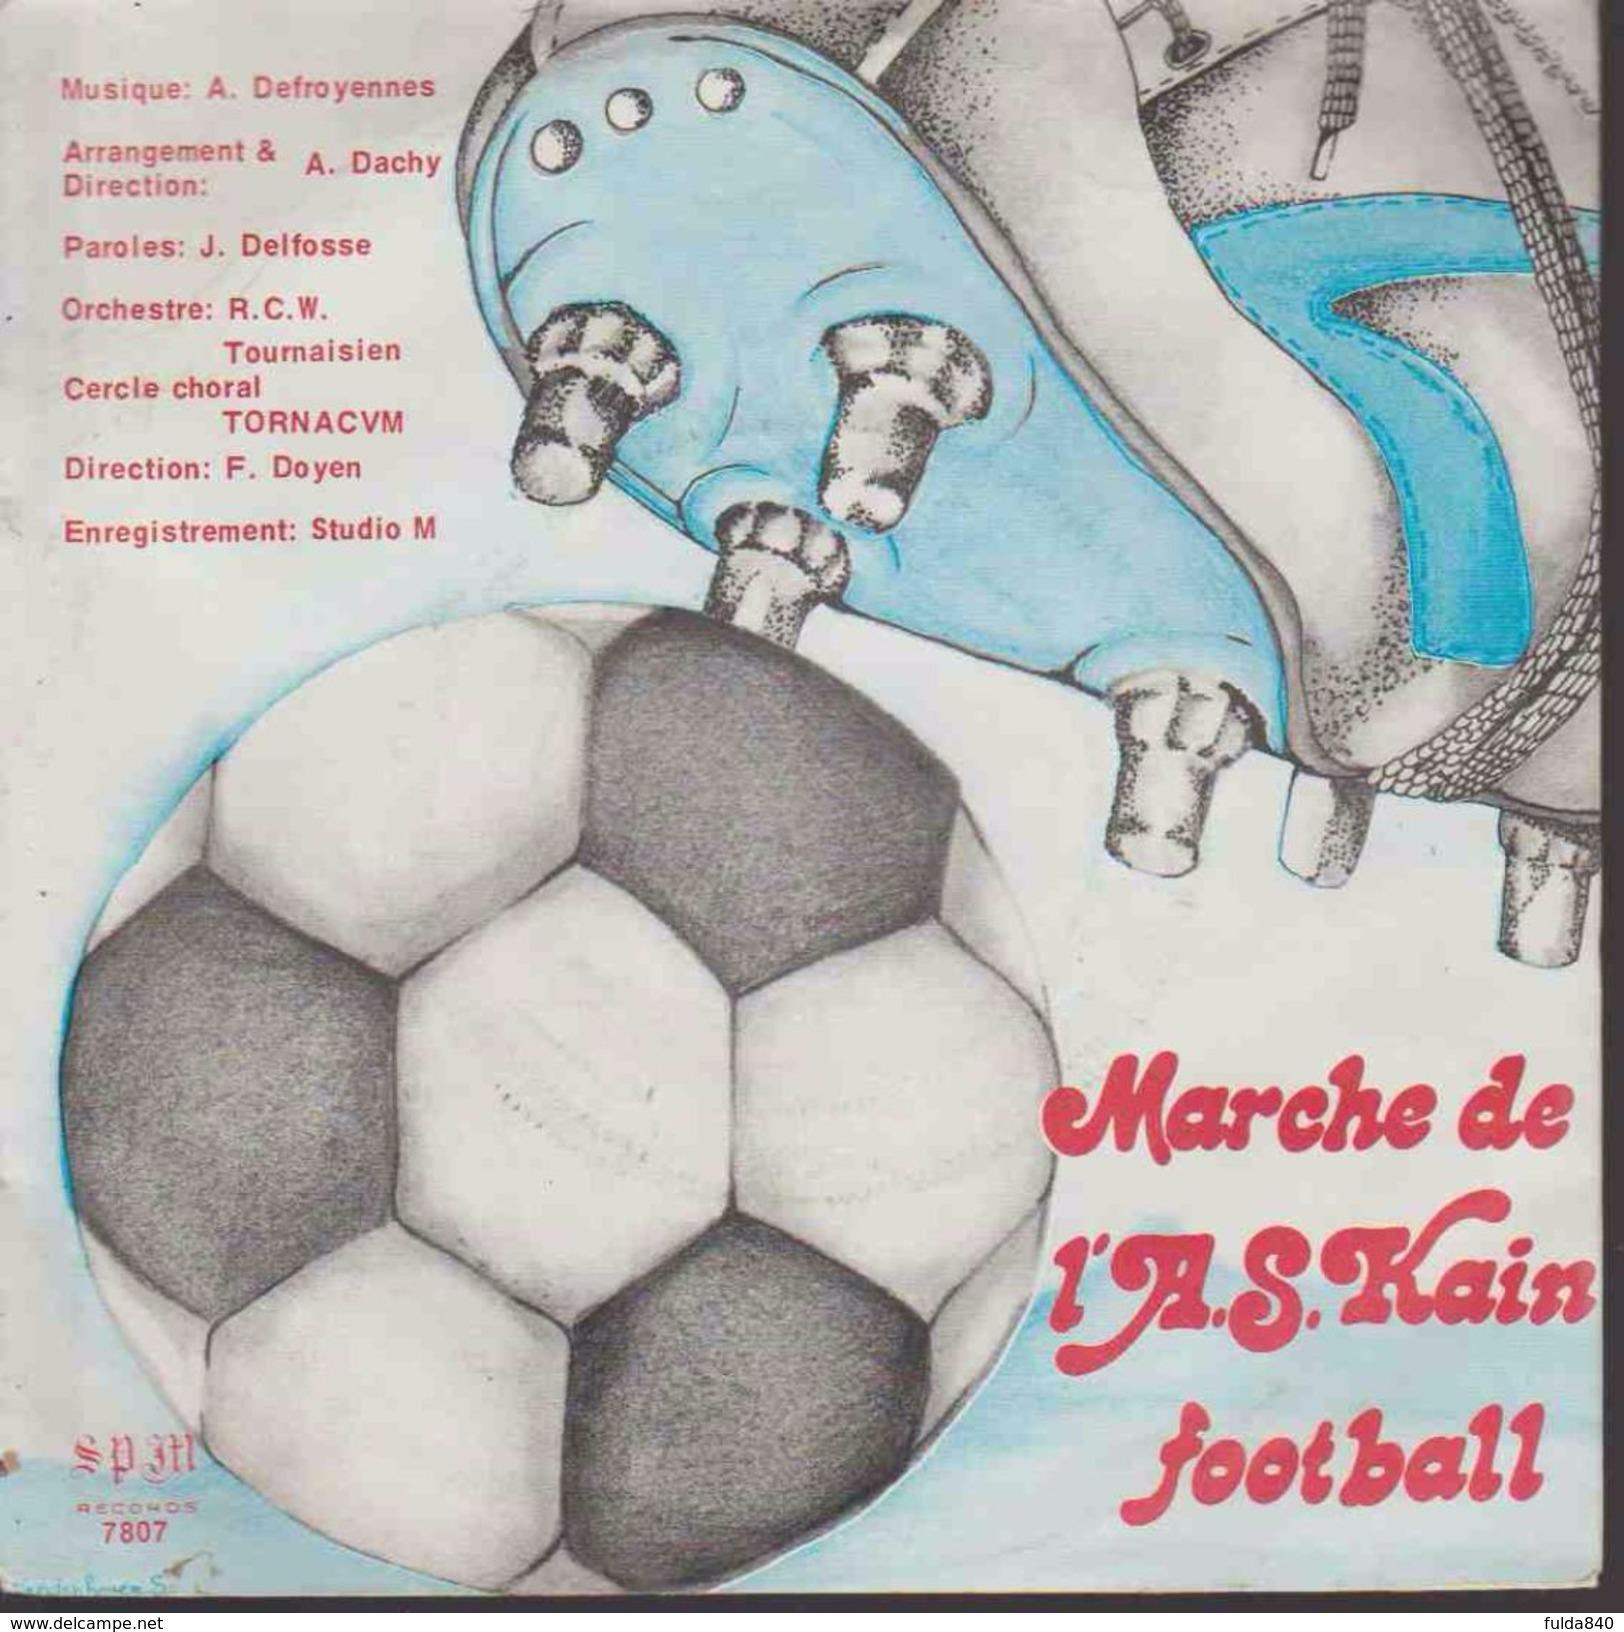 45t.  Marche De L'A.S. KAIN  Football - Collectors